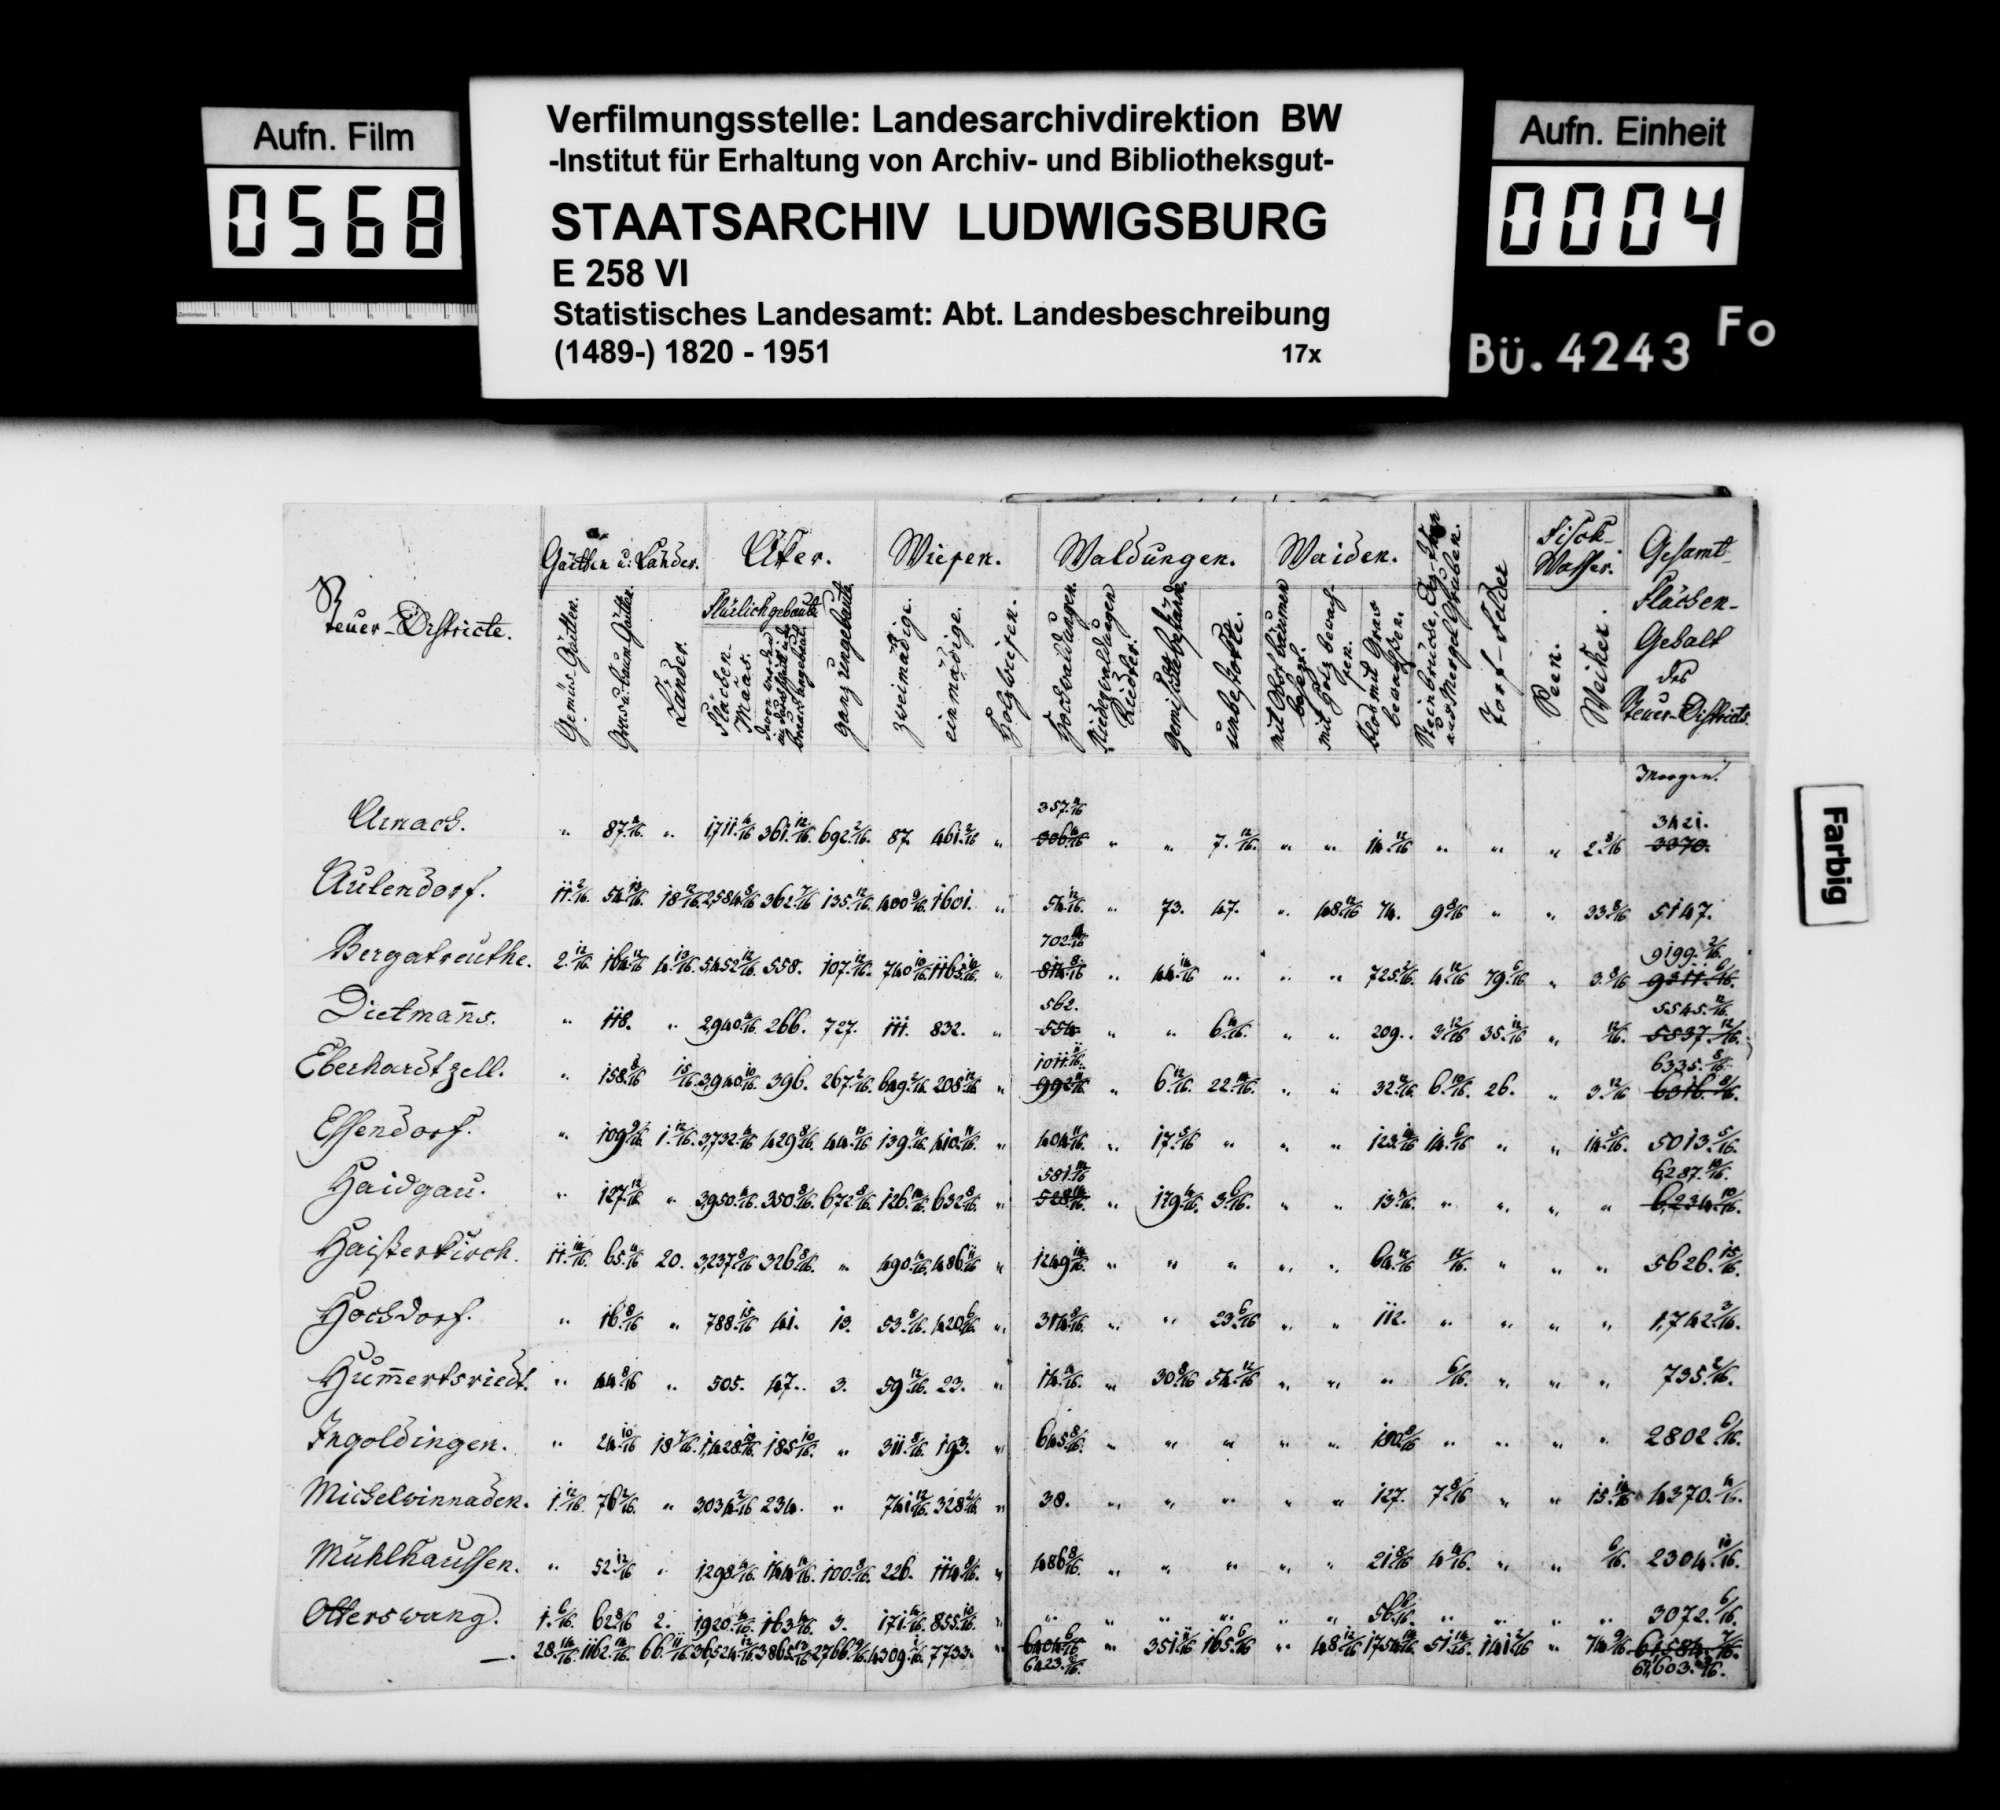 Immobilienbesitz und Flächennutzung sowie Herrschaftsrechte im Oberamt, Bild 2